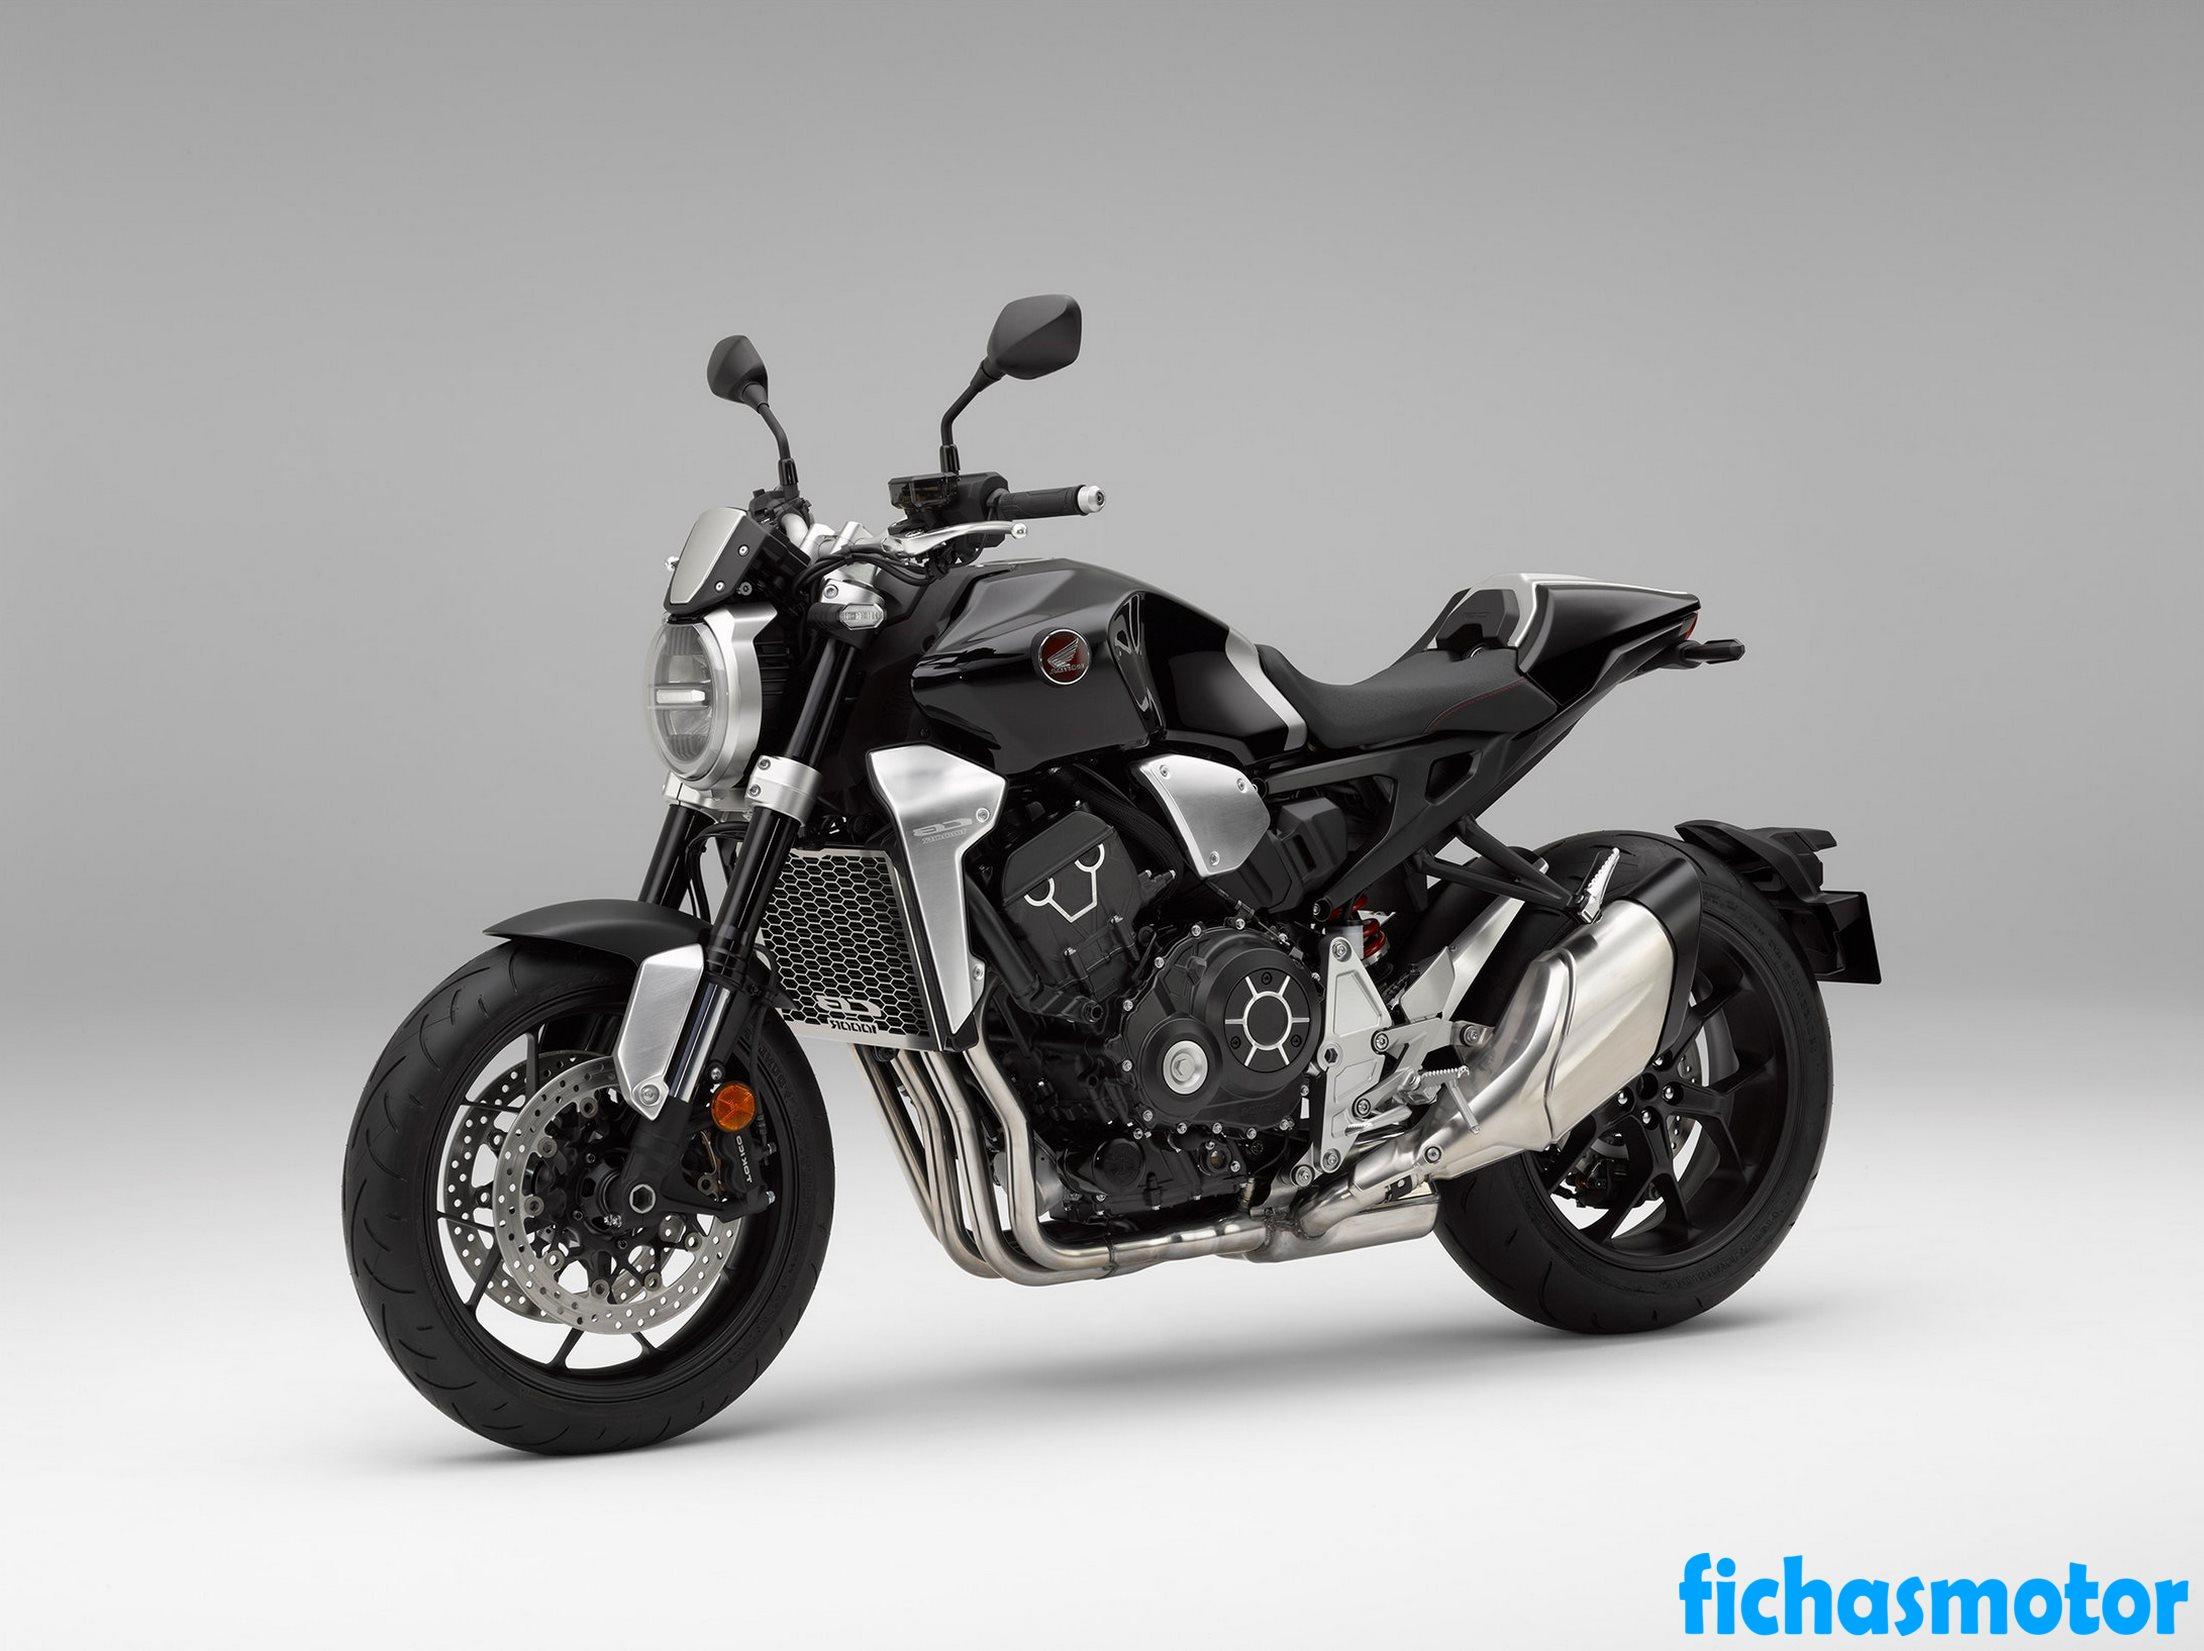 Ficha técnica Honda CB1000R 2020